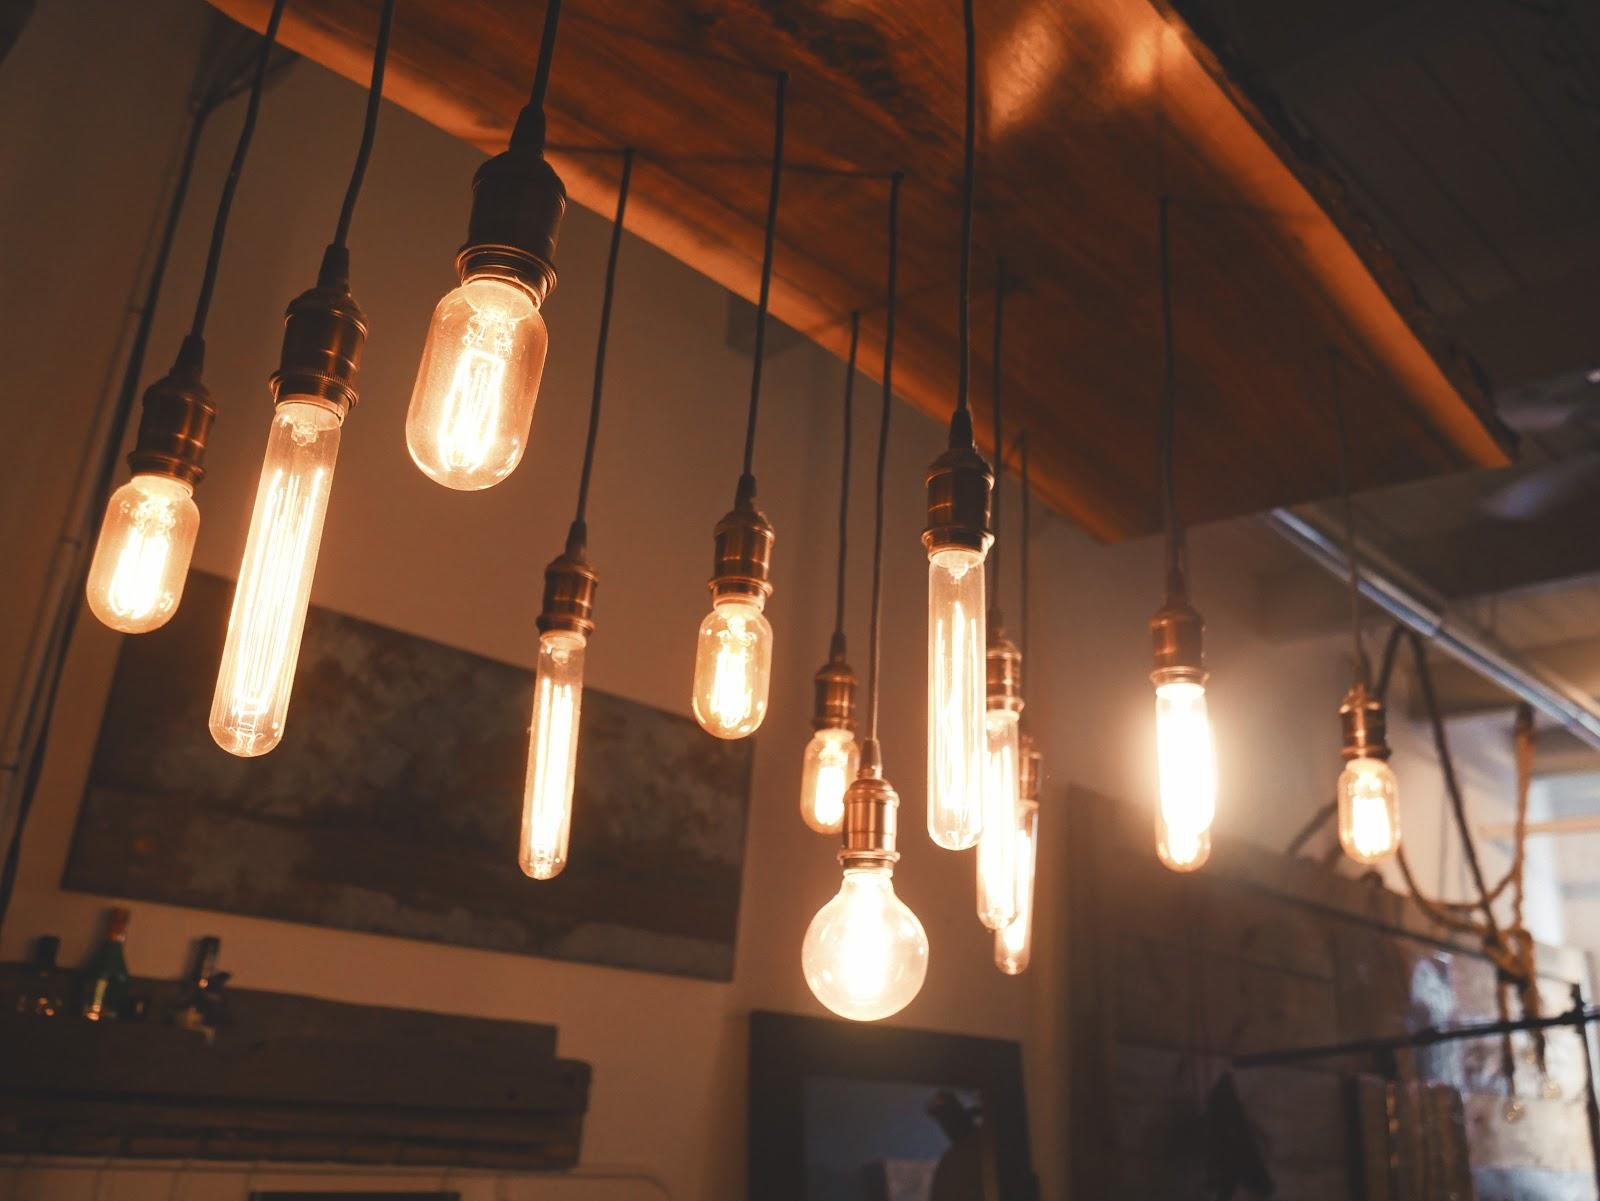 【1月第4週・資金調達情報】世界でも珍しい電力売買「みんな電力」が11.8億円調達